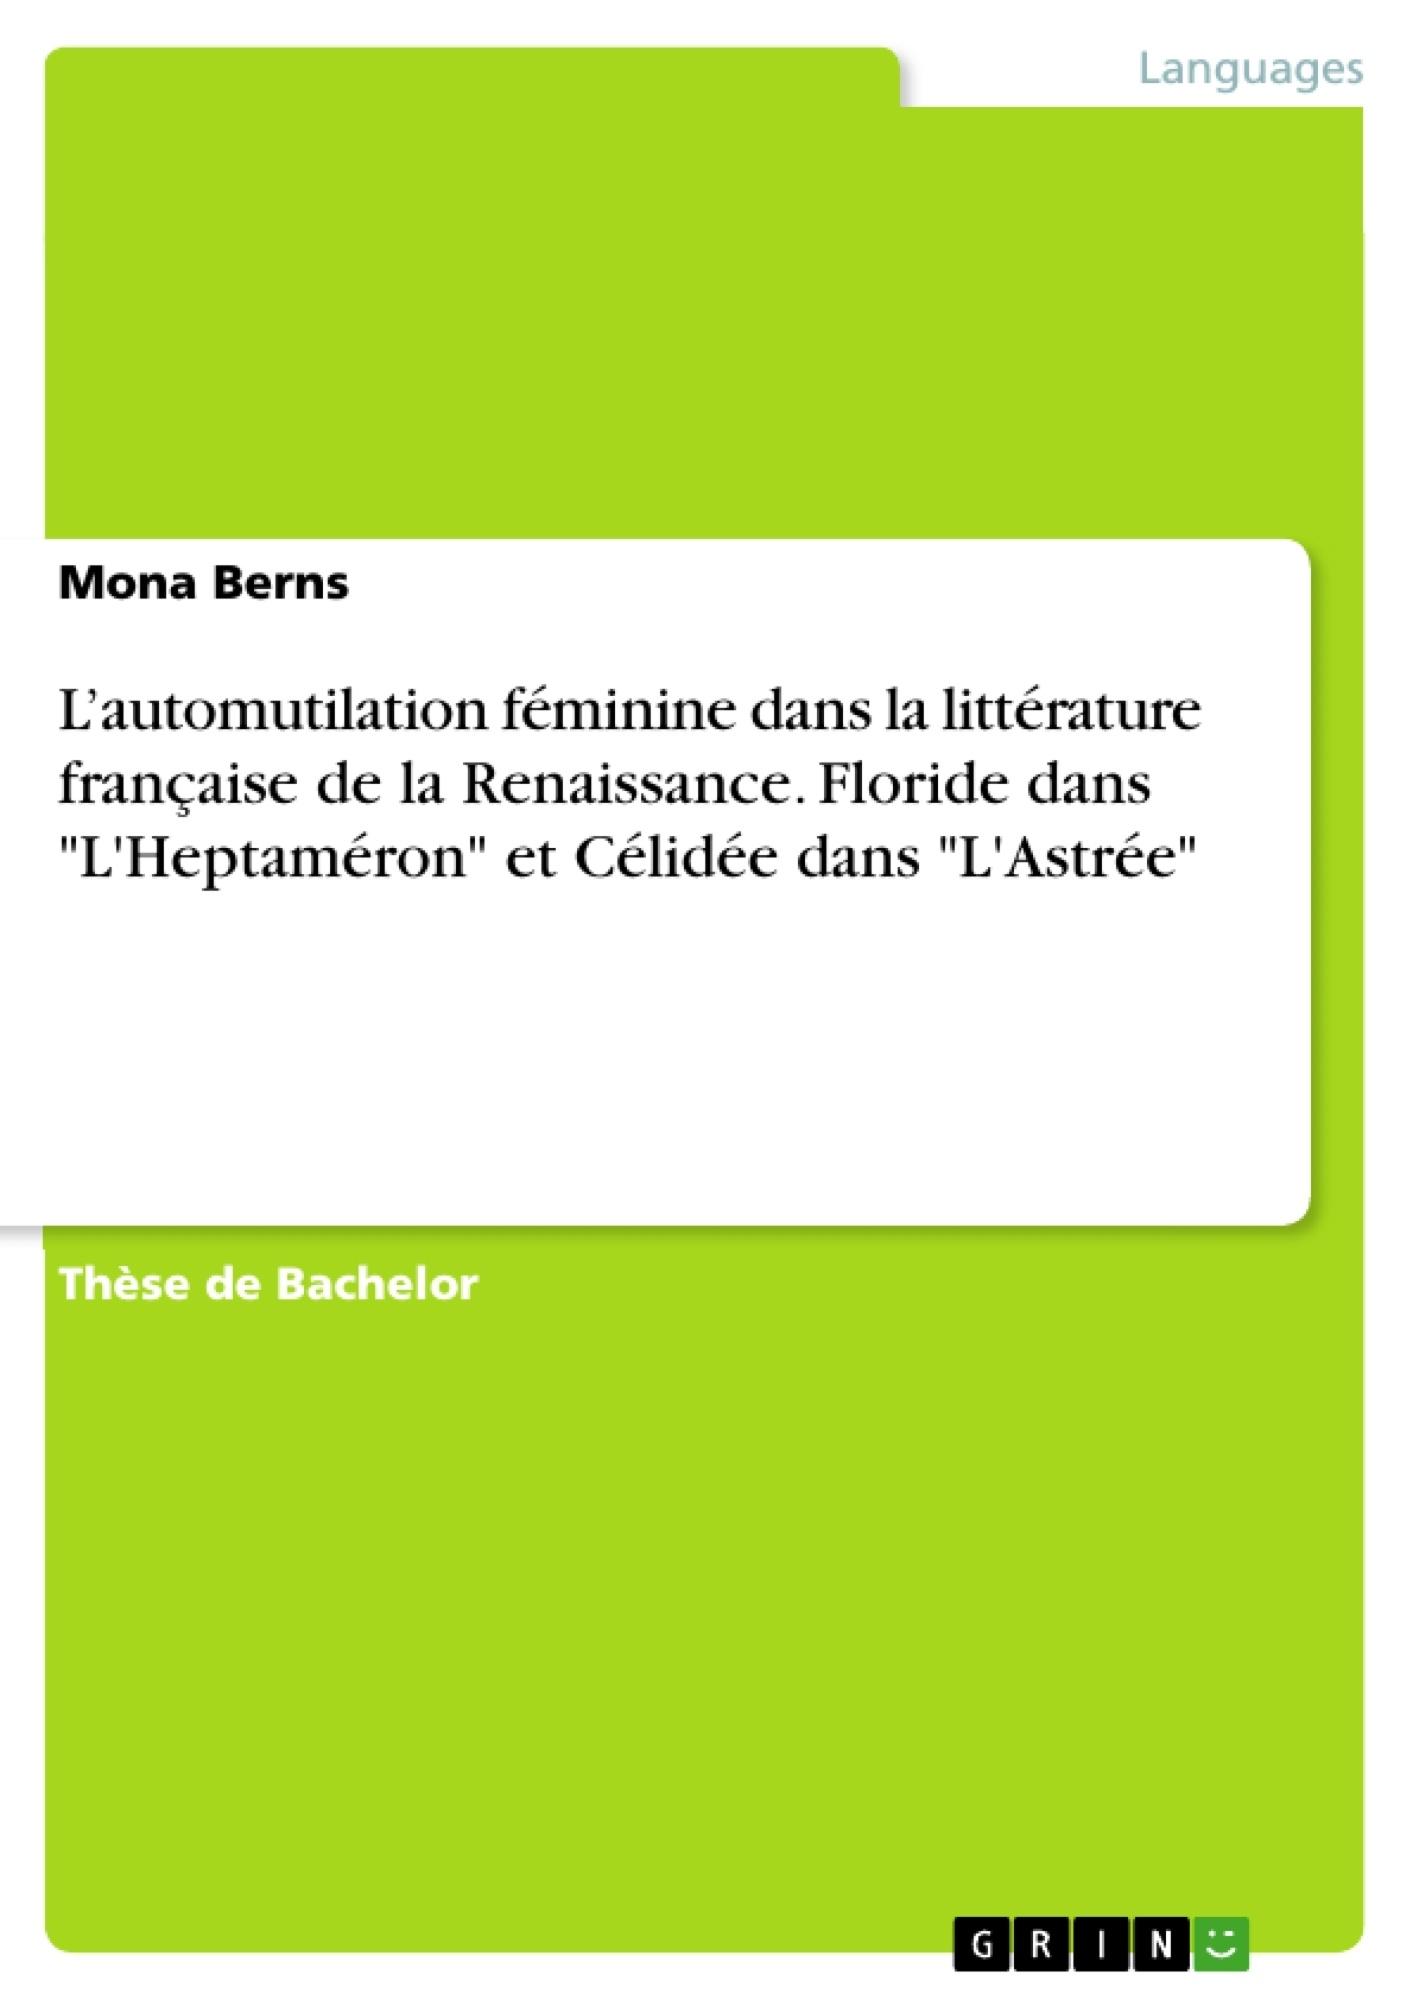 """Titre: L'automutilation féminine dans la littérature française de la Renaissance. Floride dans """"L'Heptaméron"""" et Célidée dans """"L'Astrée"""""""